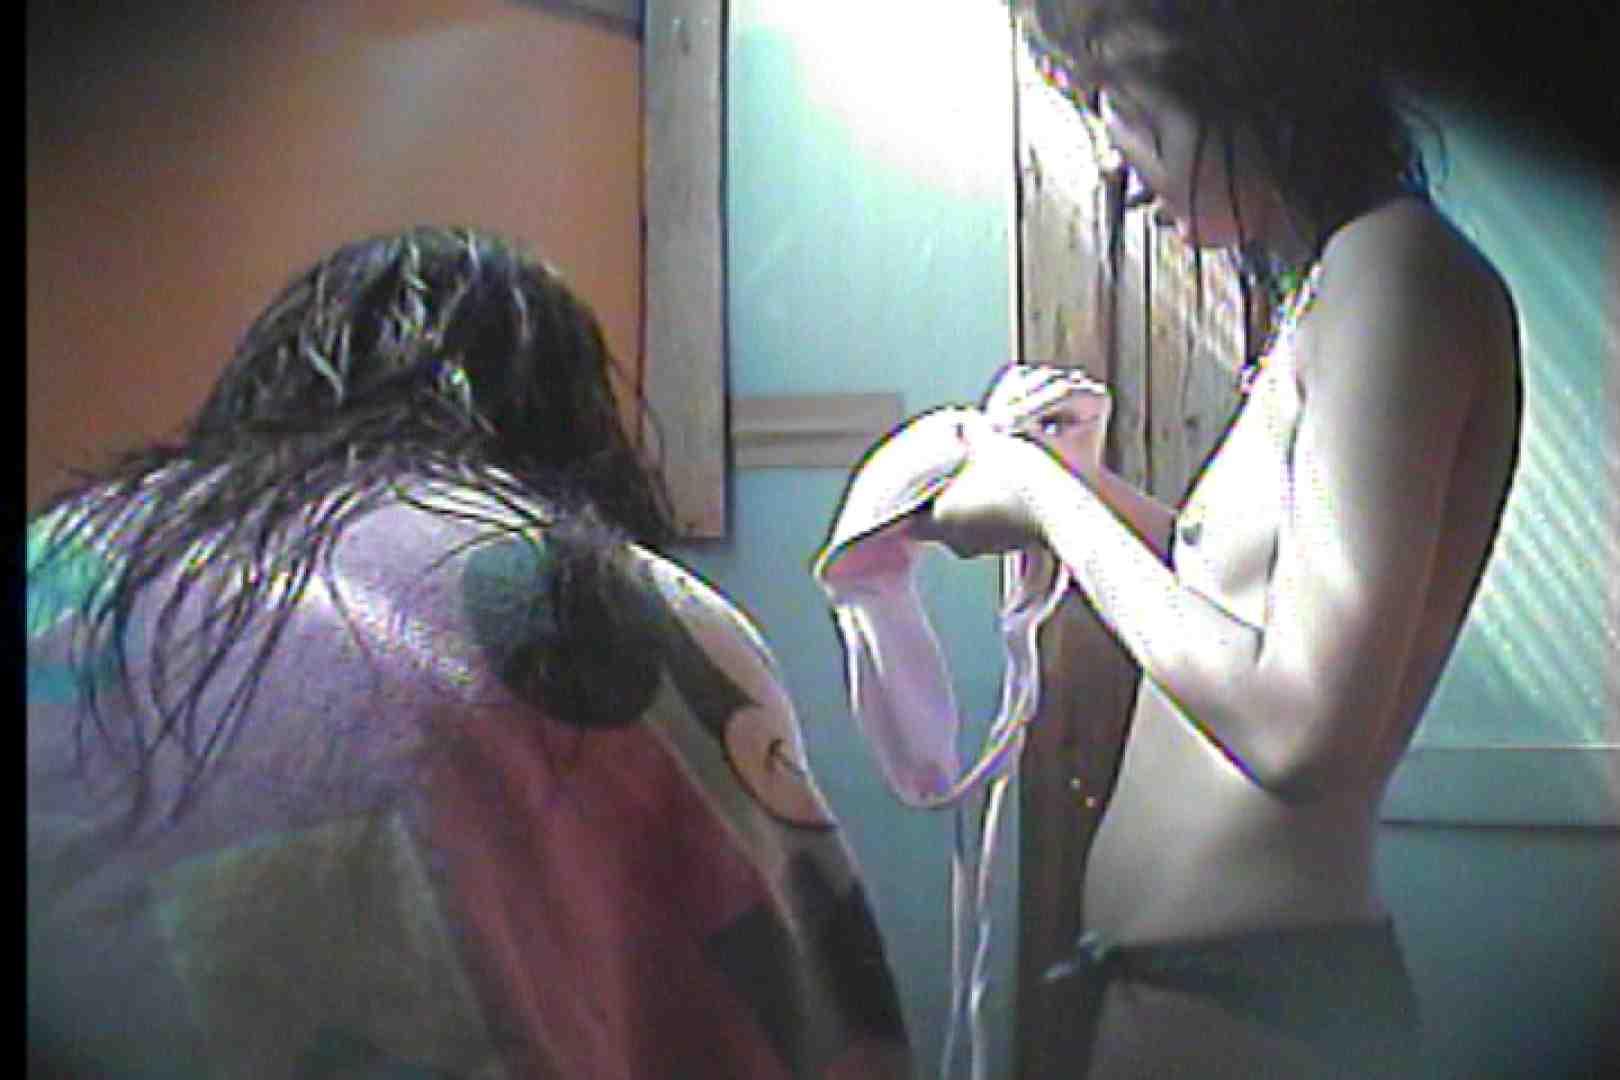 海の家の更衣室 Vol.44 美女  106枚 12